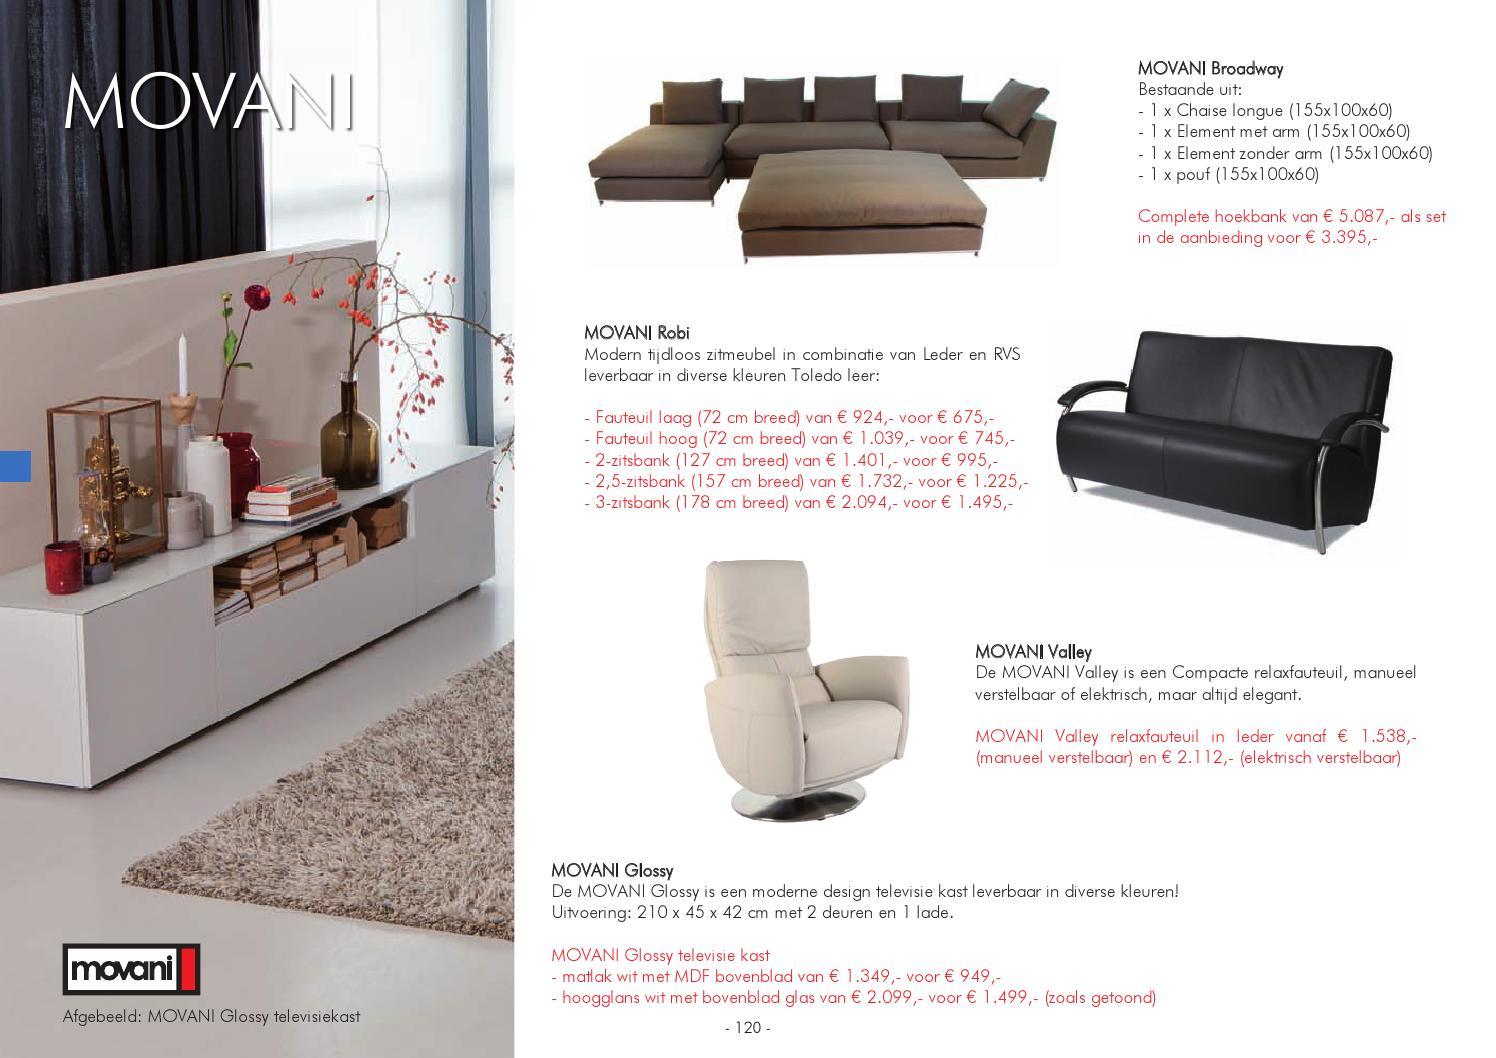 Collectieboek 2014 Van Til Interieur by Van Til Interieur - issuu